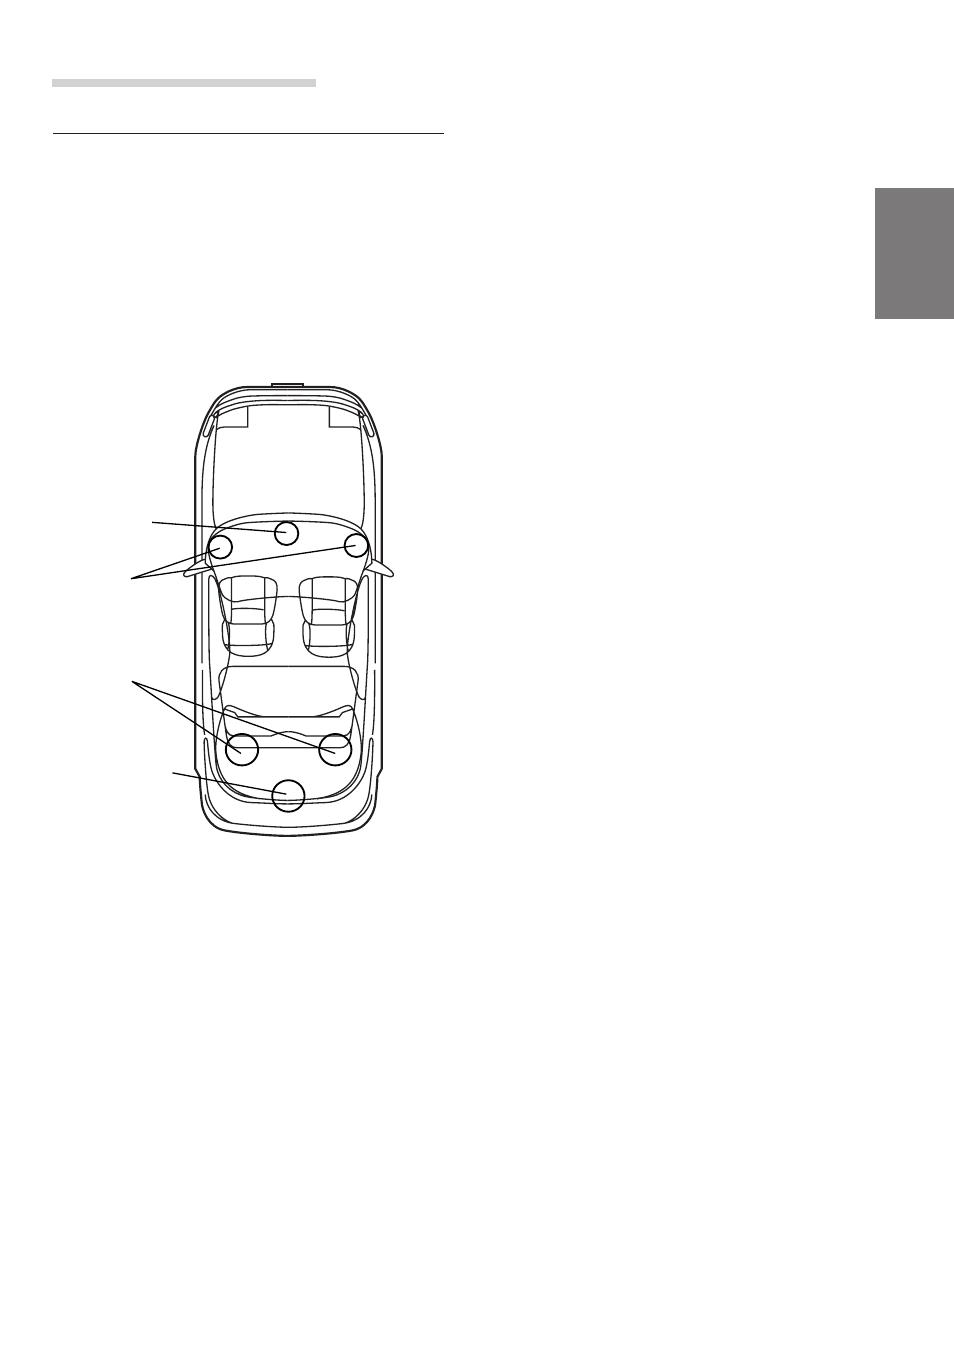 Information, En fr es de se it | Alpine PXA-H700 User Manual | Page